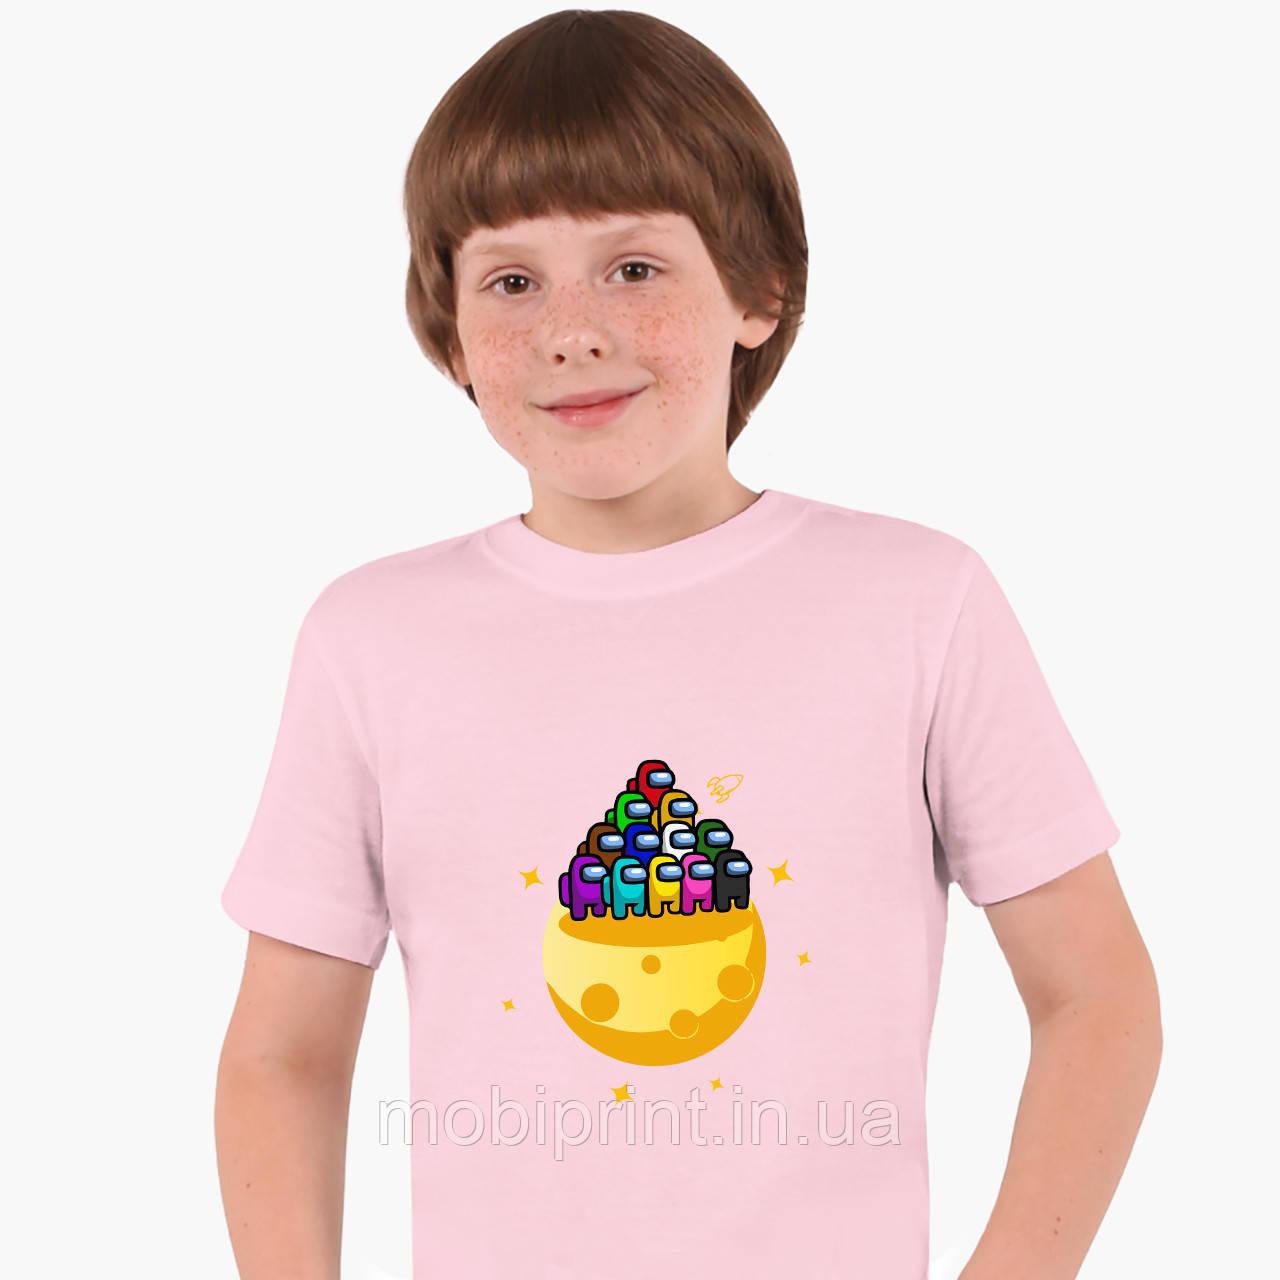 Дитяча футболка для хлопчиків Амонг Ас (Among Us) (25186-2584) Рожевий